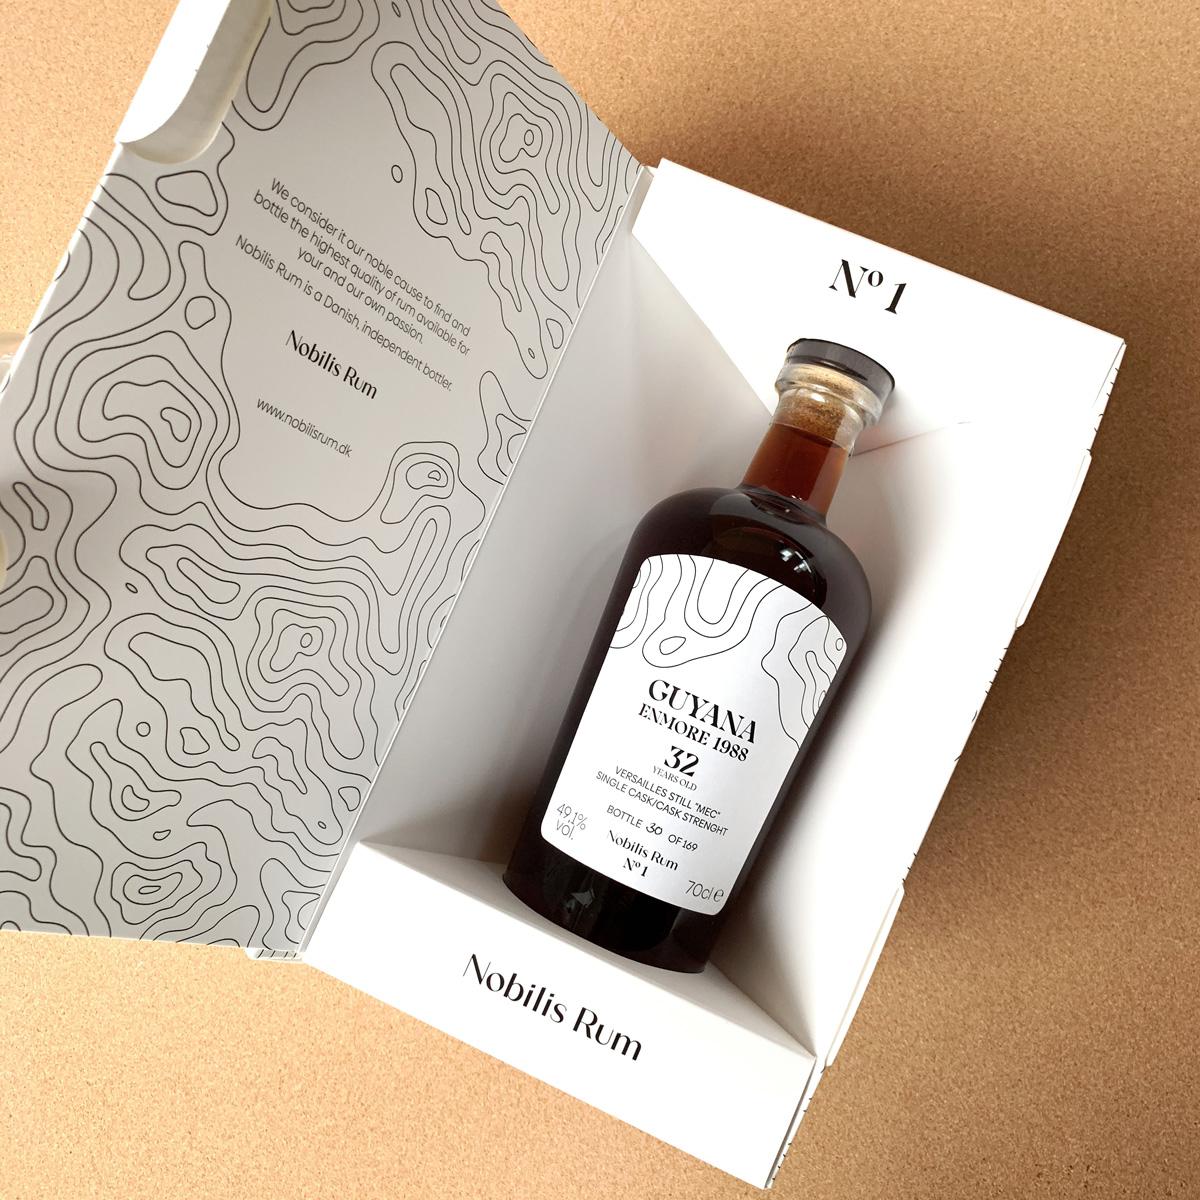 Emballage Nobilis Rum